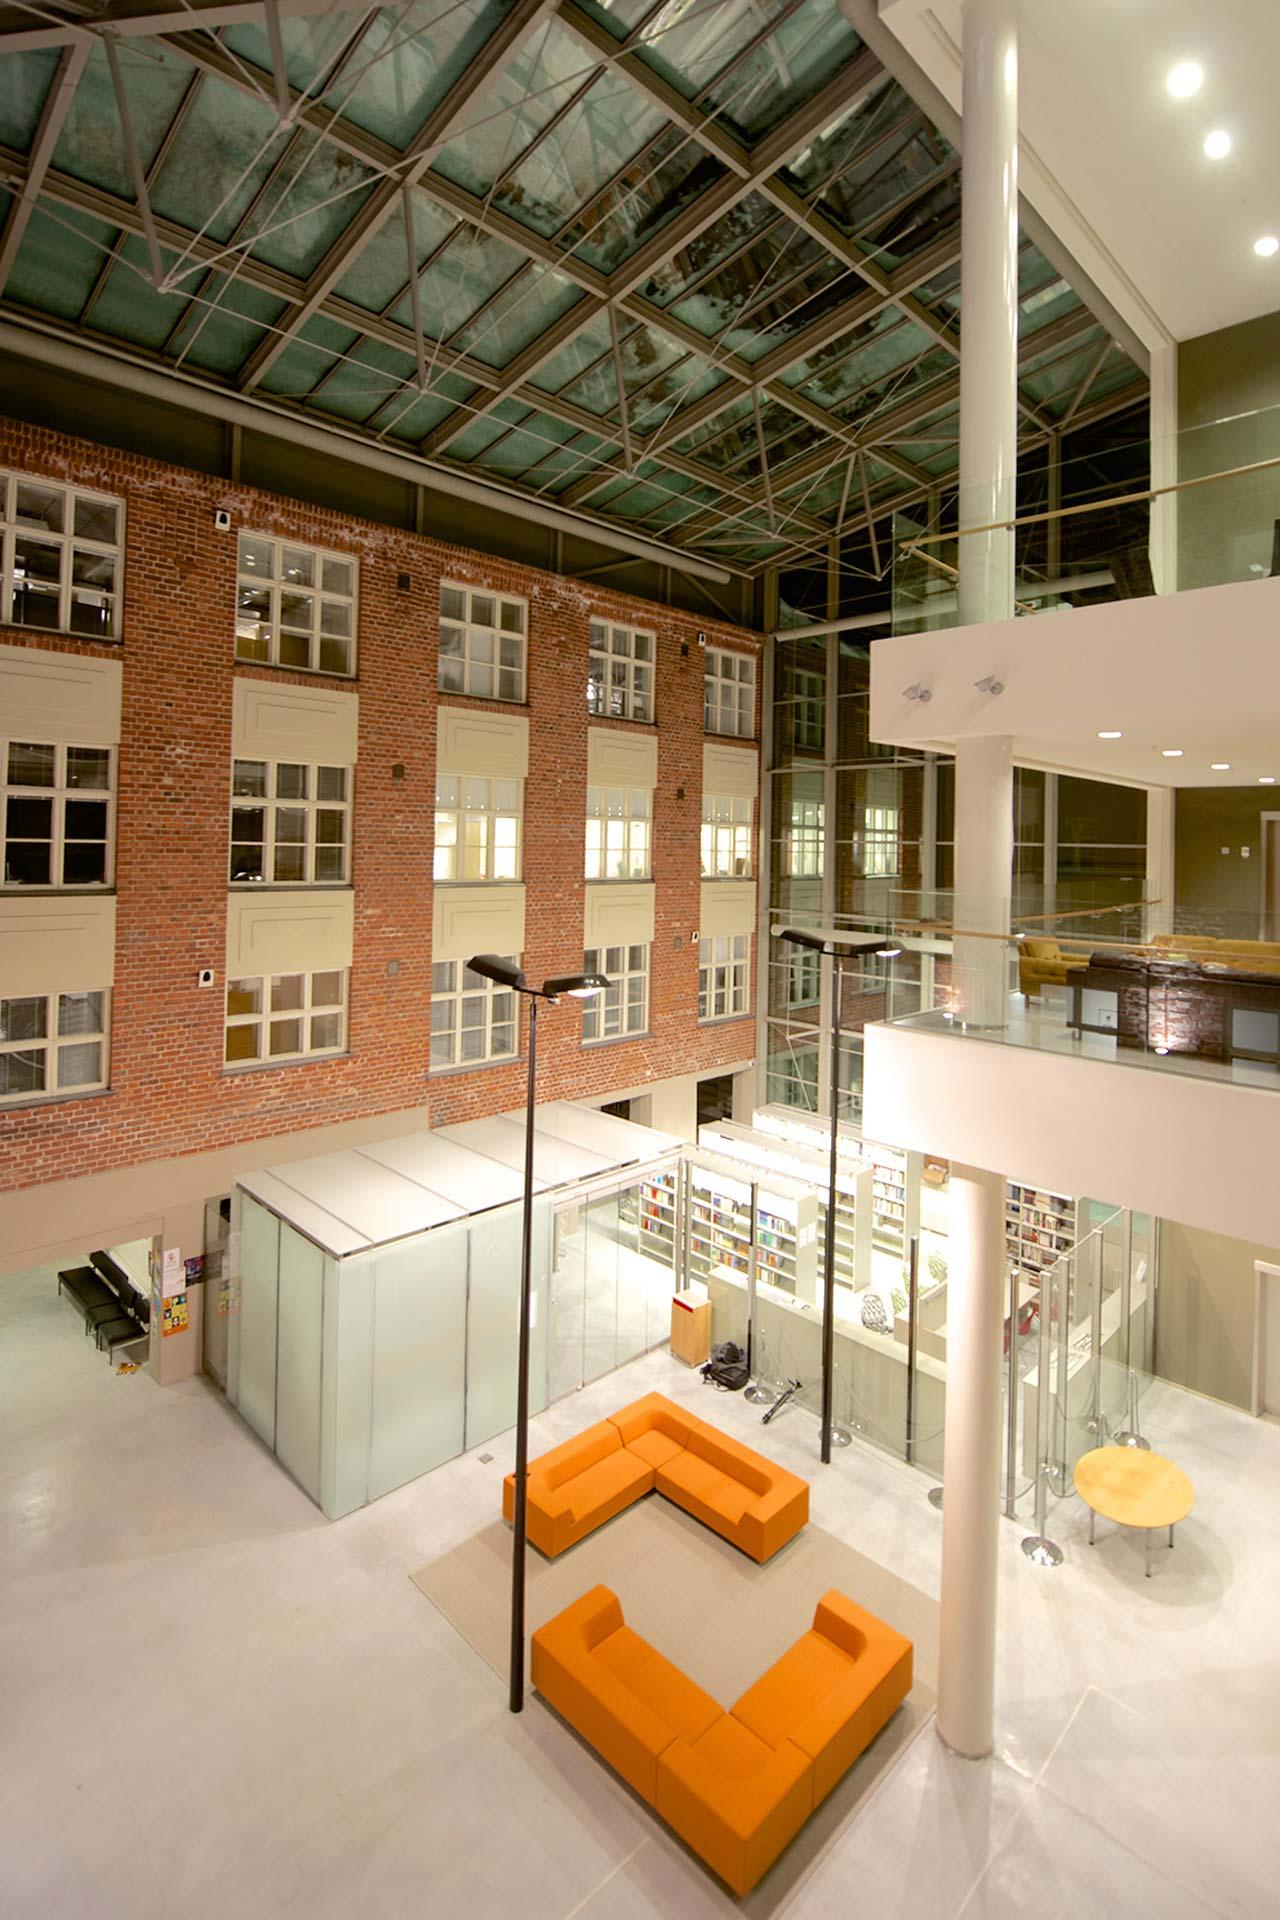 Novia Allegro campus